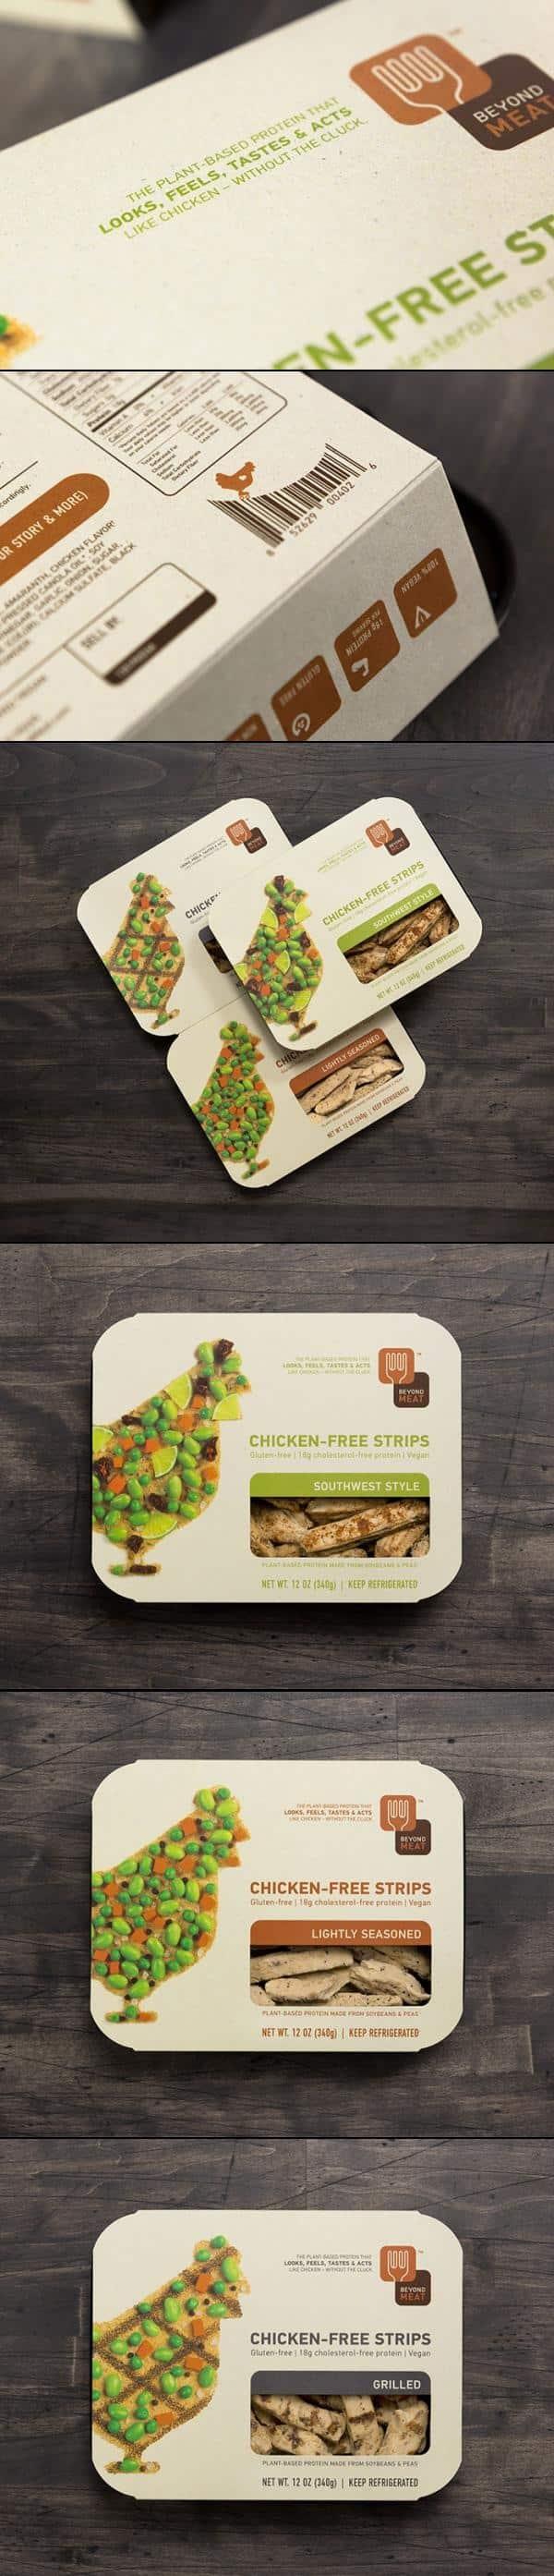 cute-packaging-design-001